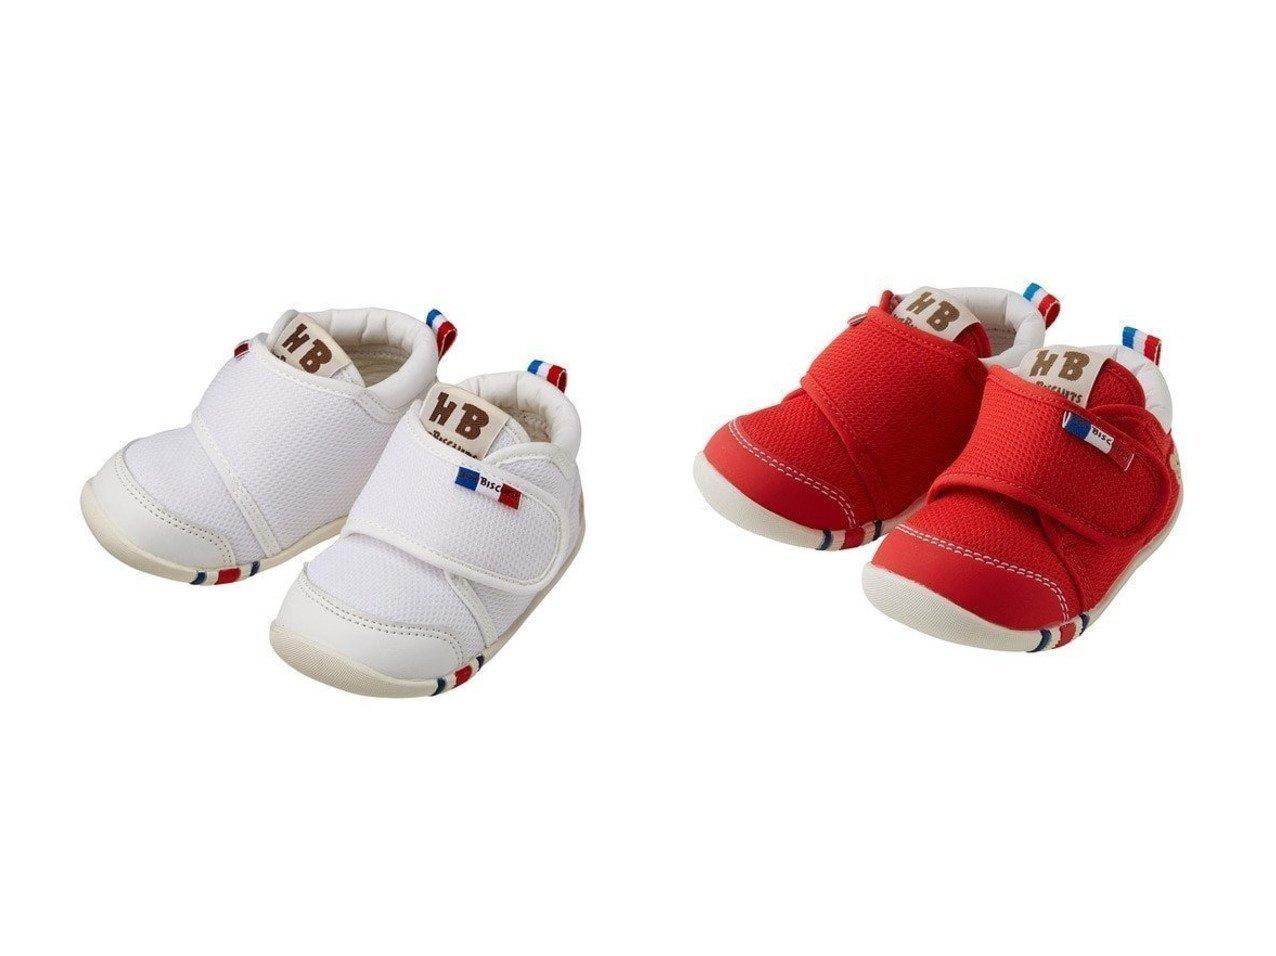 【MIKI HOUSE HOT BISCUITS / KIDS/ミキハウスホットビスケッツ】の【HOTBISCUITS】ベビーシューズ 【KIDS】子供服のおすすめ!人気トレンド・キッズファッションの通販  おすすめで人気の流行・トレンド、ファッションの通販商品 メンズファッション・キッズファッション・インテリア・家具・レディースファッション・服の通販 founy(ファニー) https://founy.com/ ファッション Fashion キッズファッション KIDS カラフル シューズ シンプル ベビー メッシュ 送料無料 Free Shipping |ID:crp329100000022294